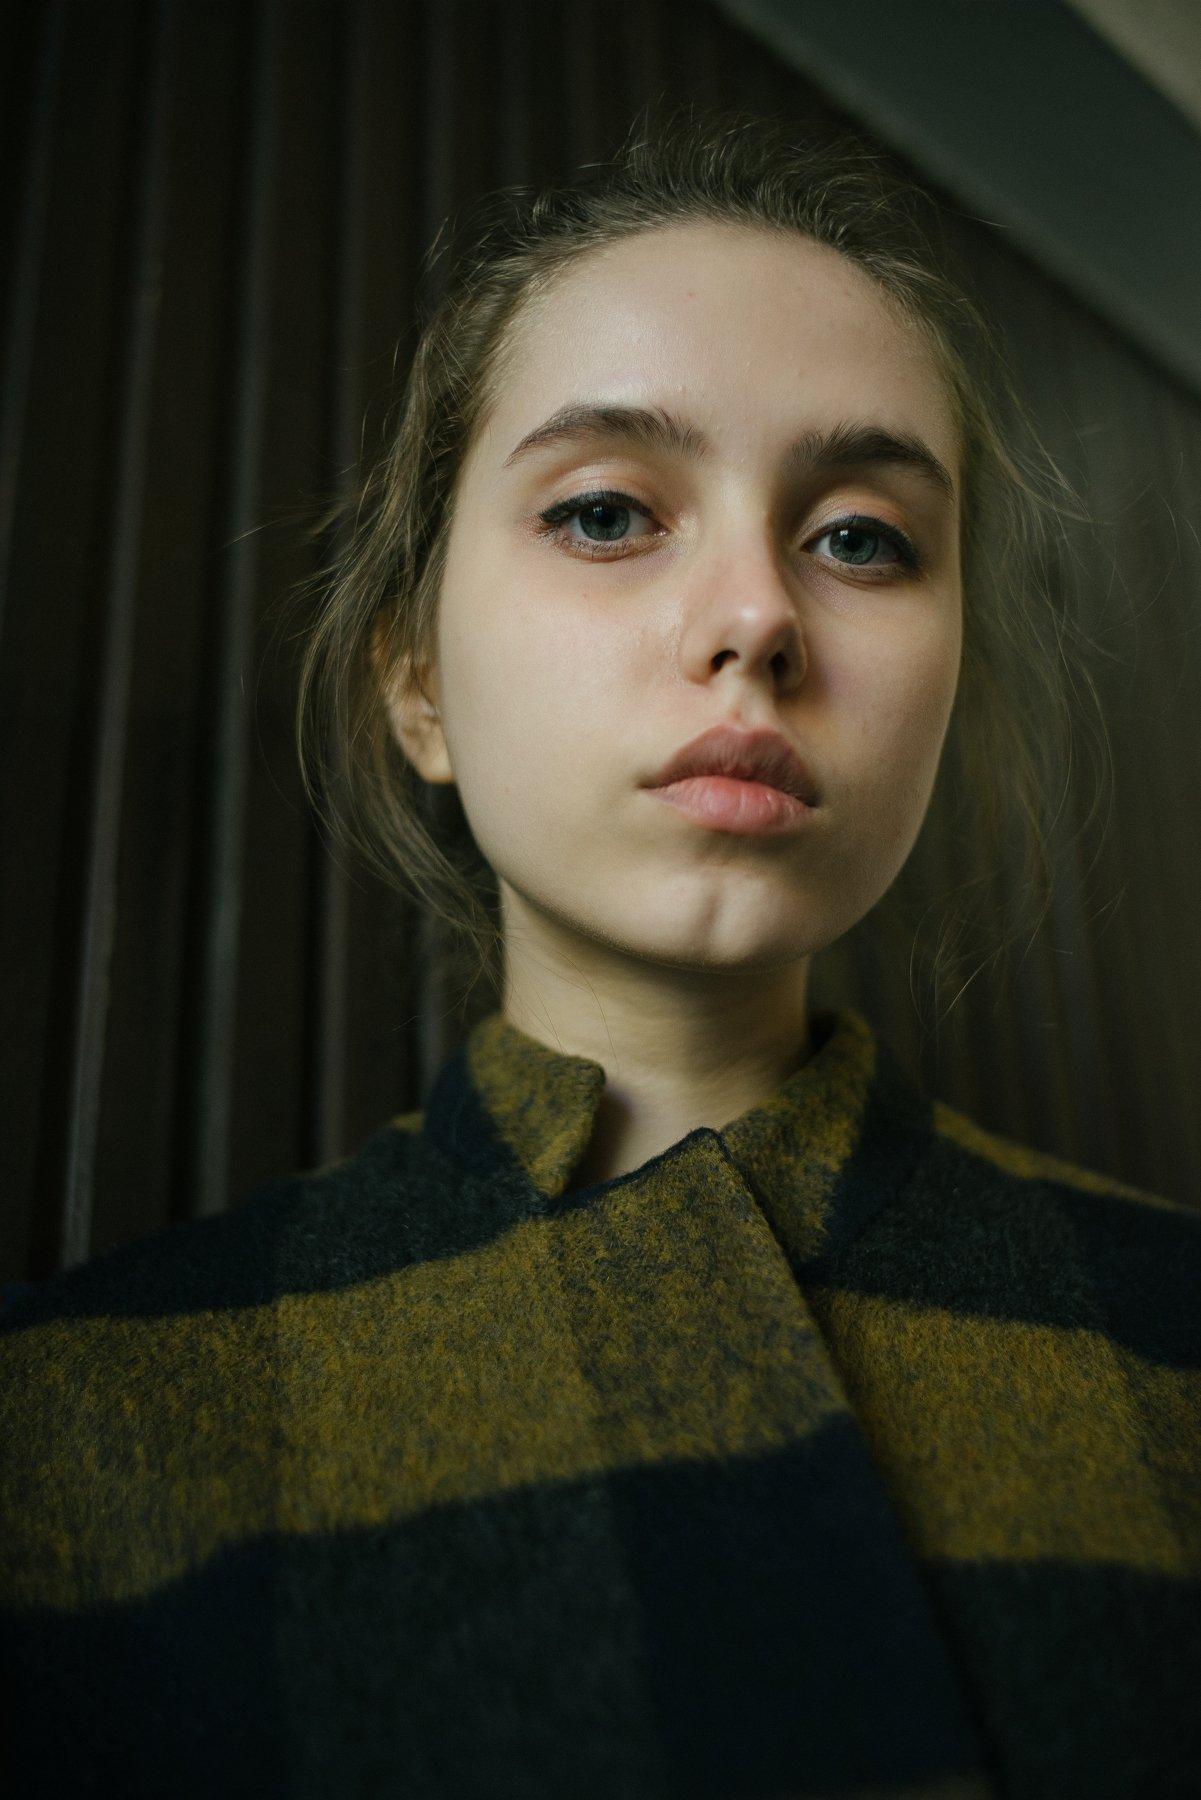 девушка портрет линии композиция взгляд свет объём 35мм цифра , Иванов Юрий